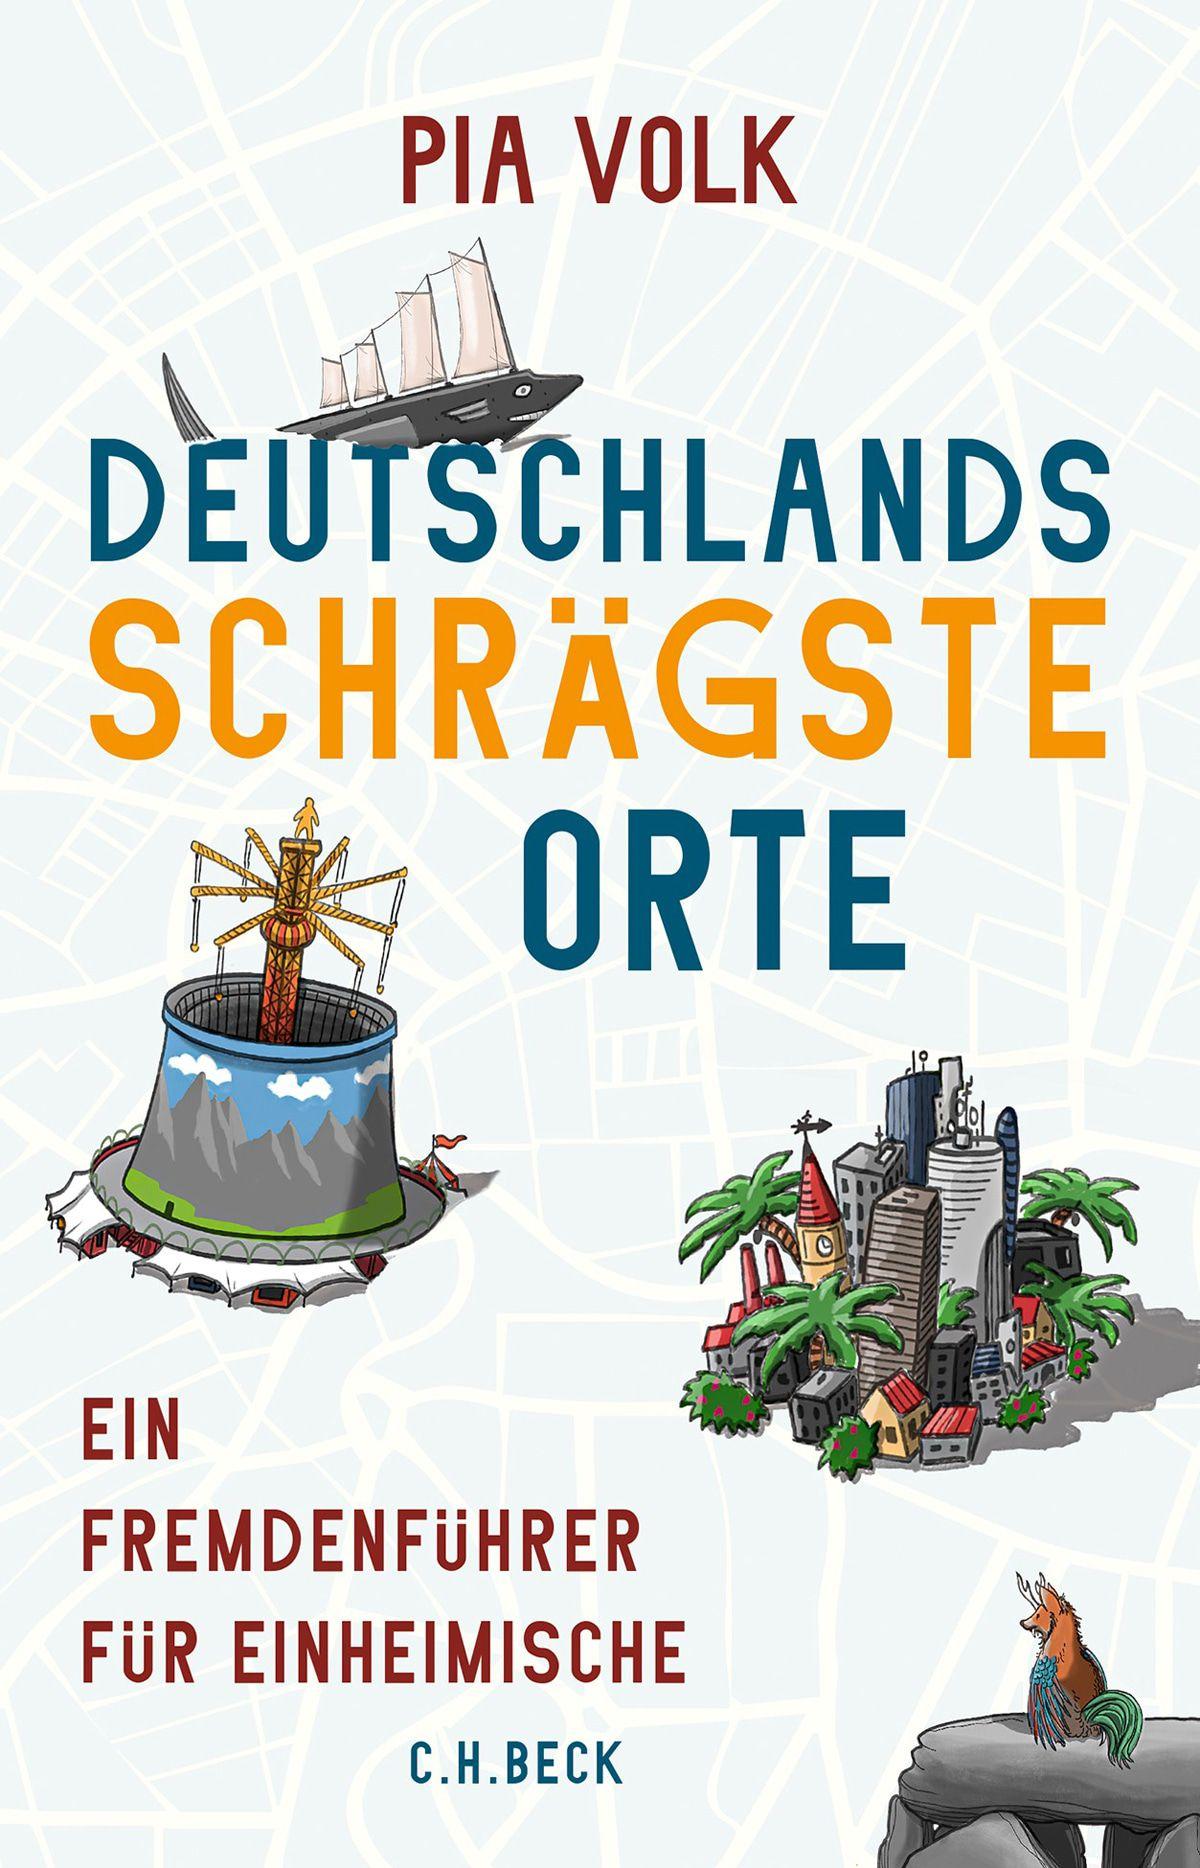 Verrücktes Buch: Deutschlands schrägste Orte